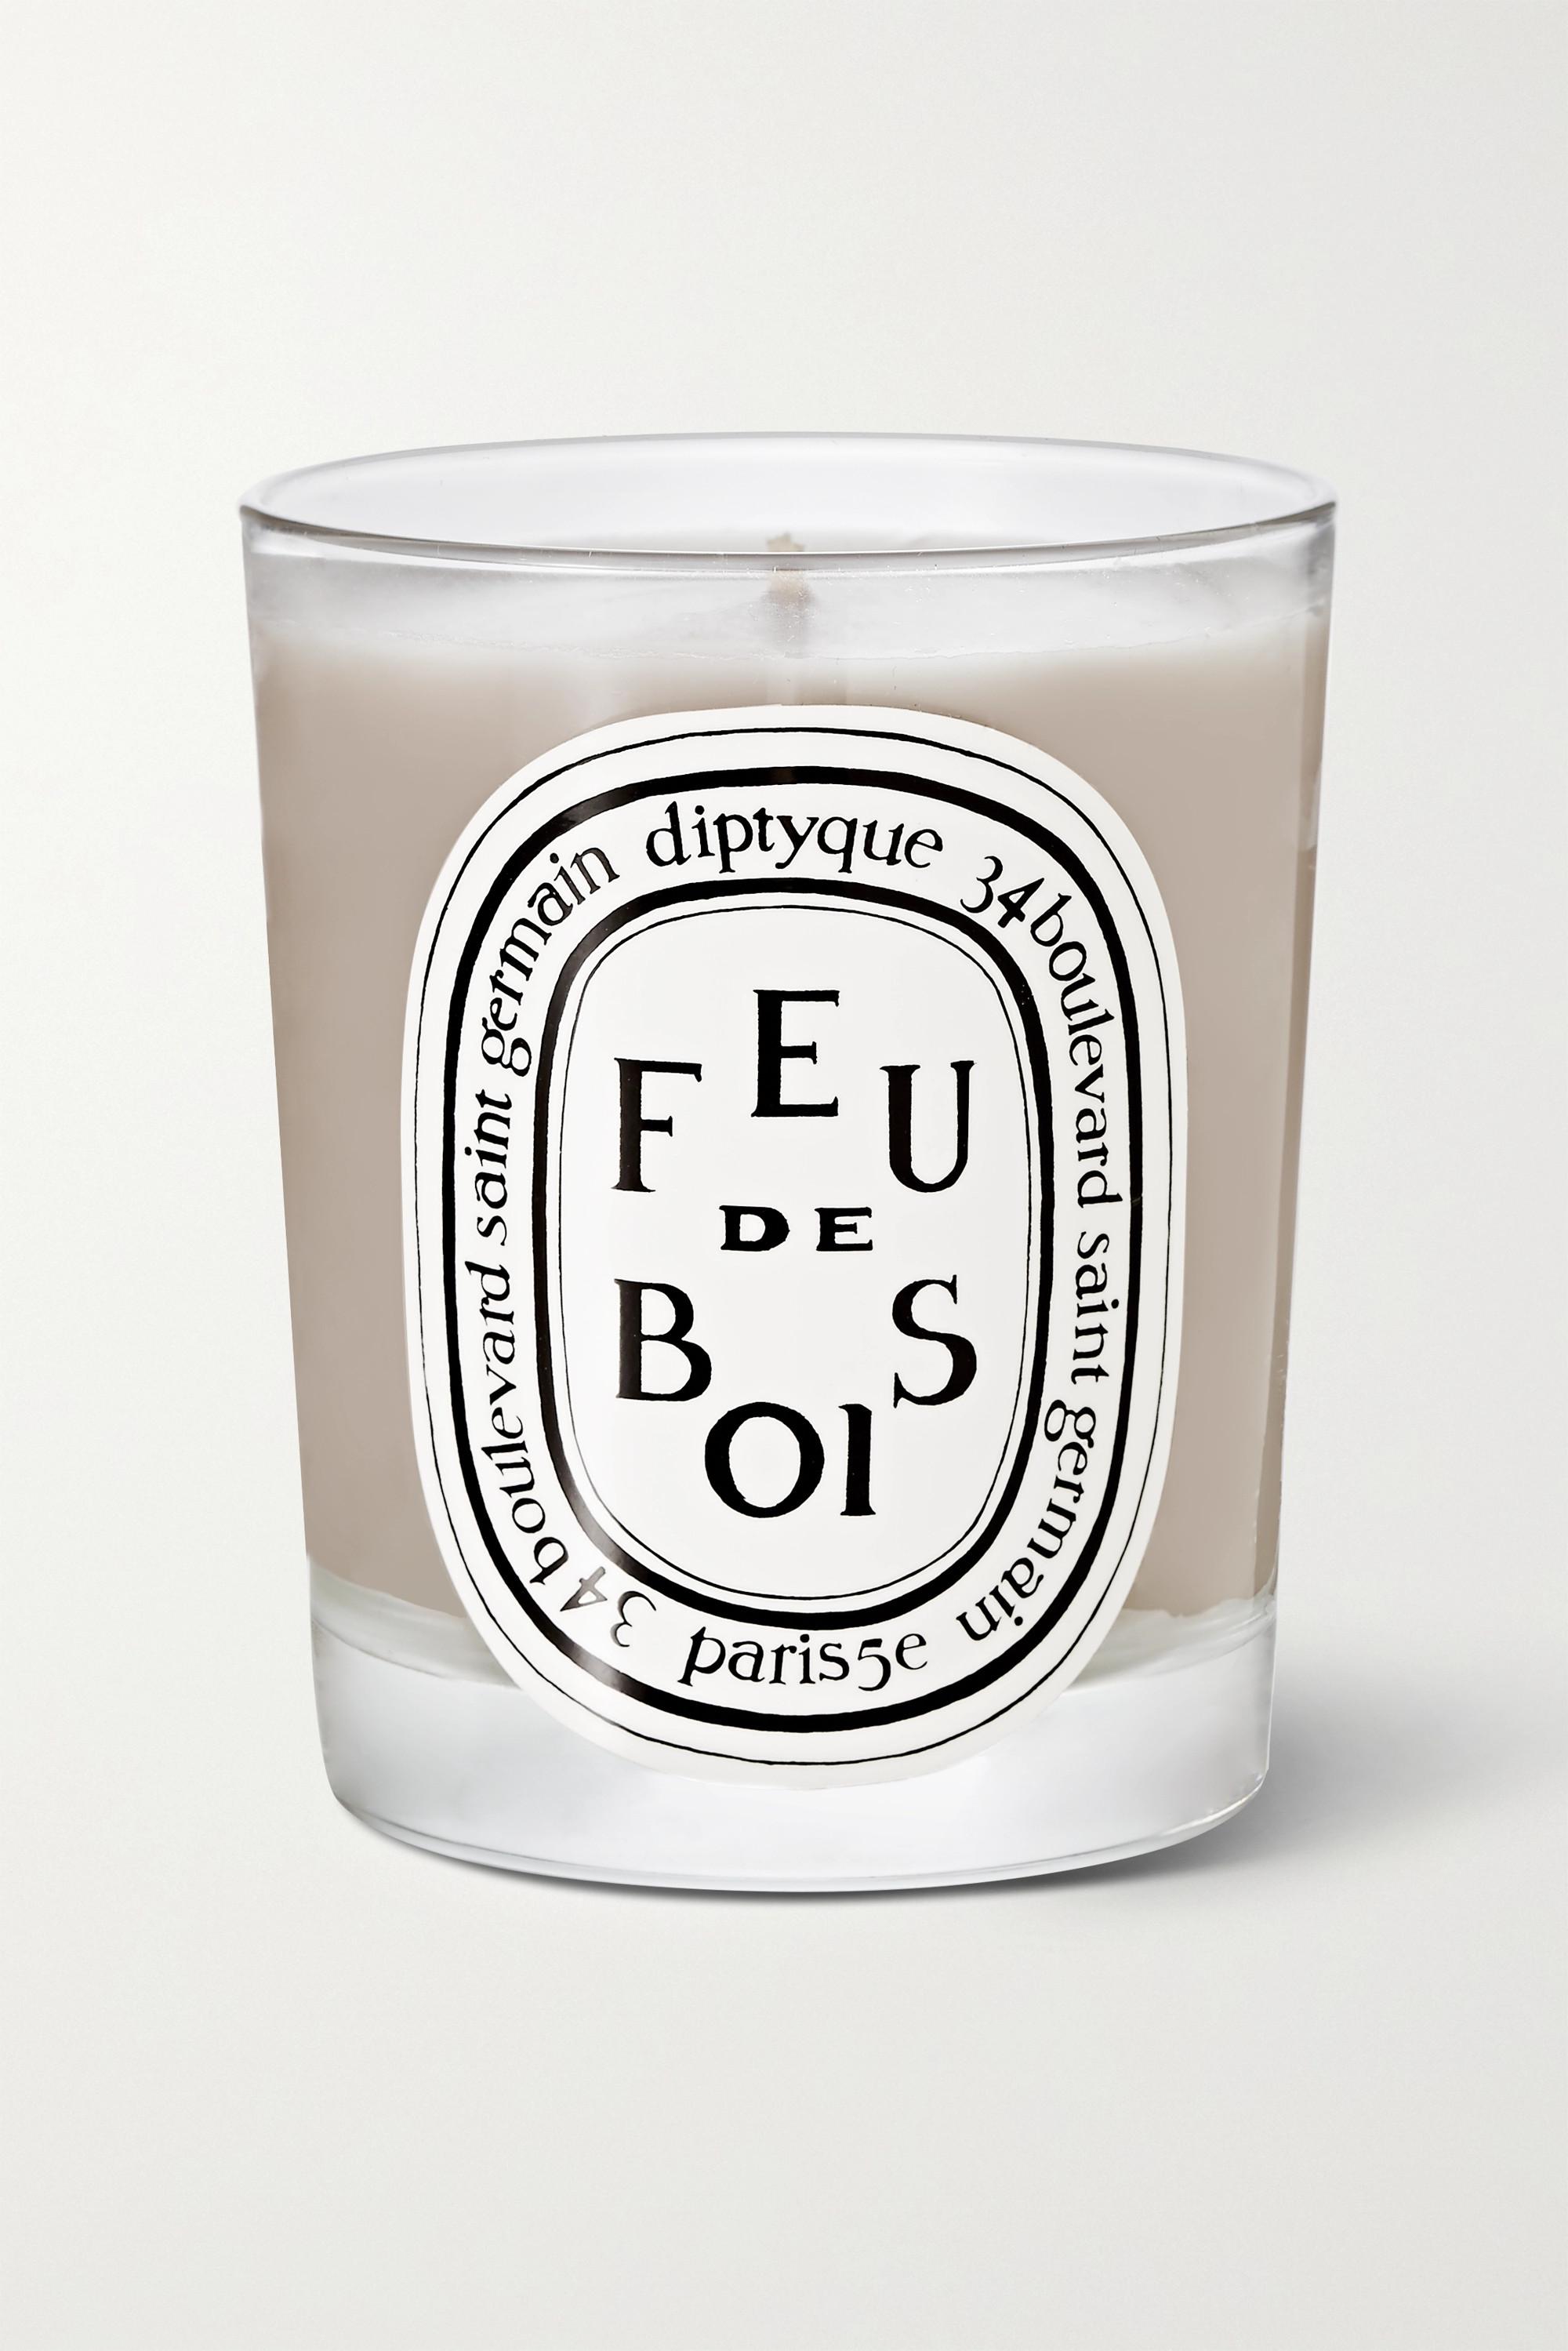 Diptyque Feu de Bois Duftkerze, 190 g